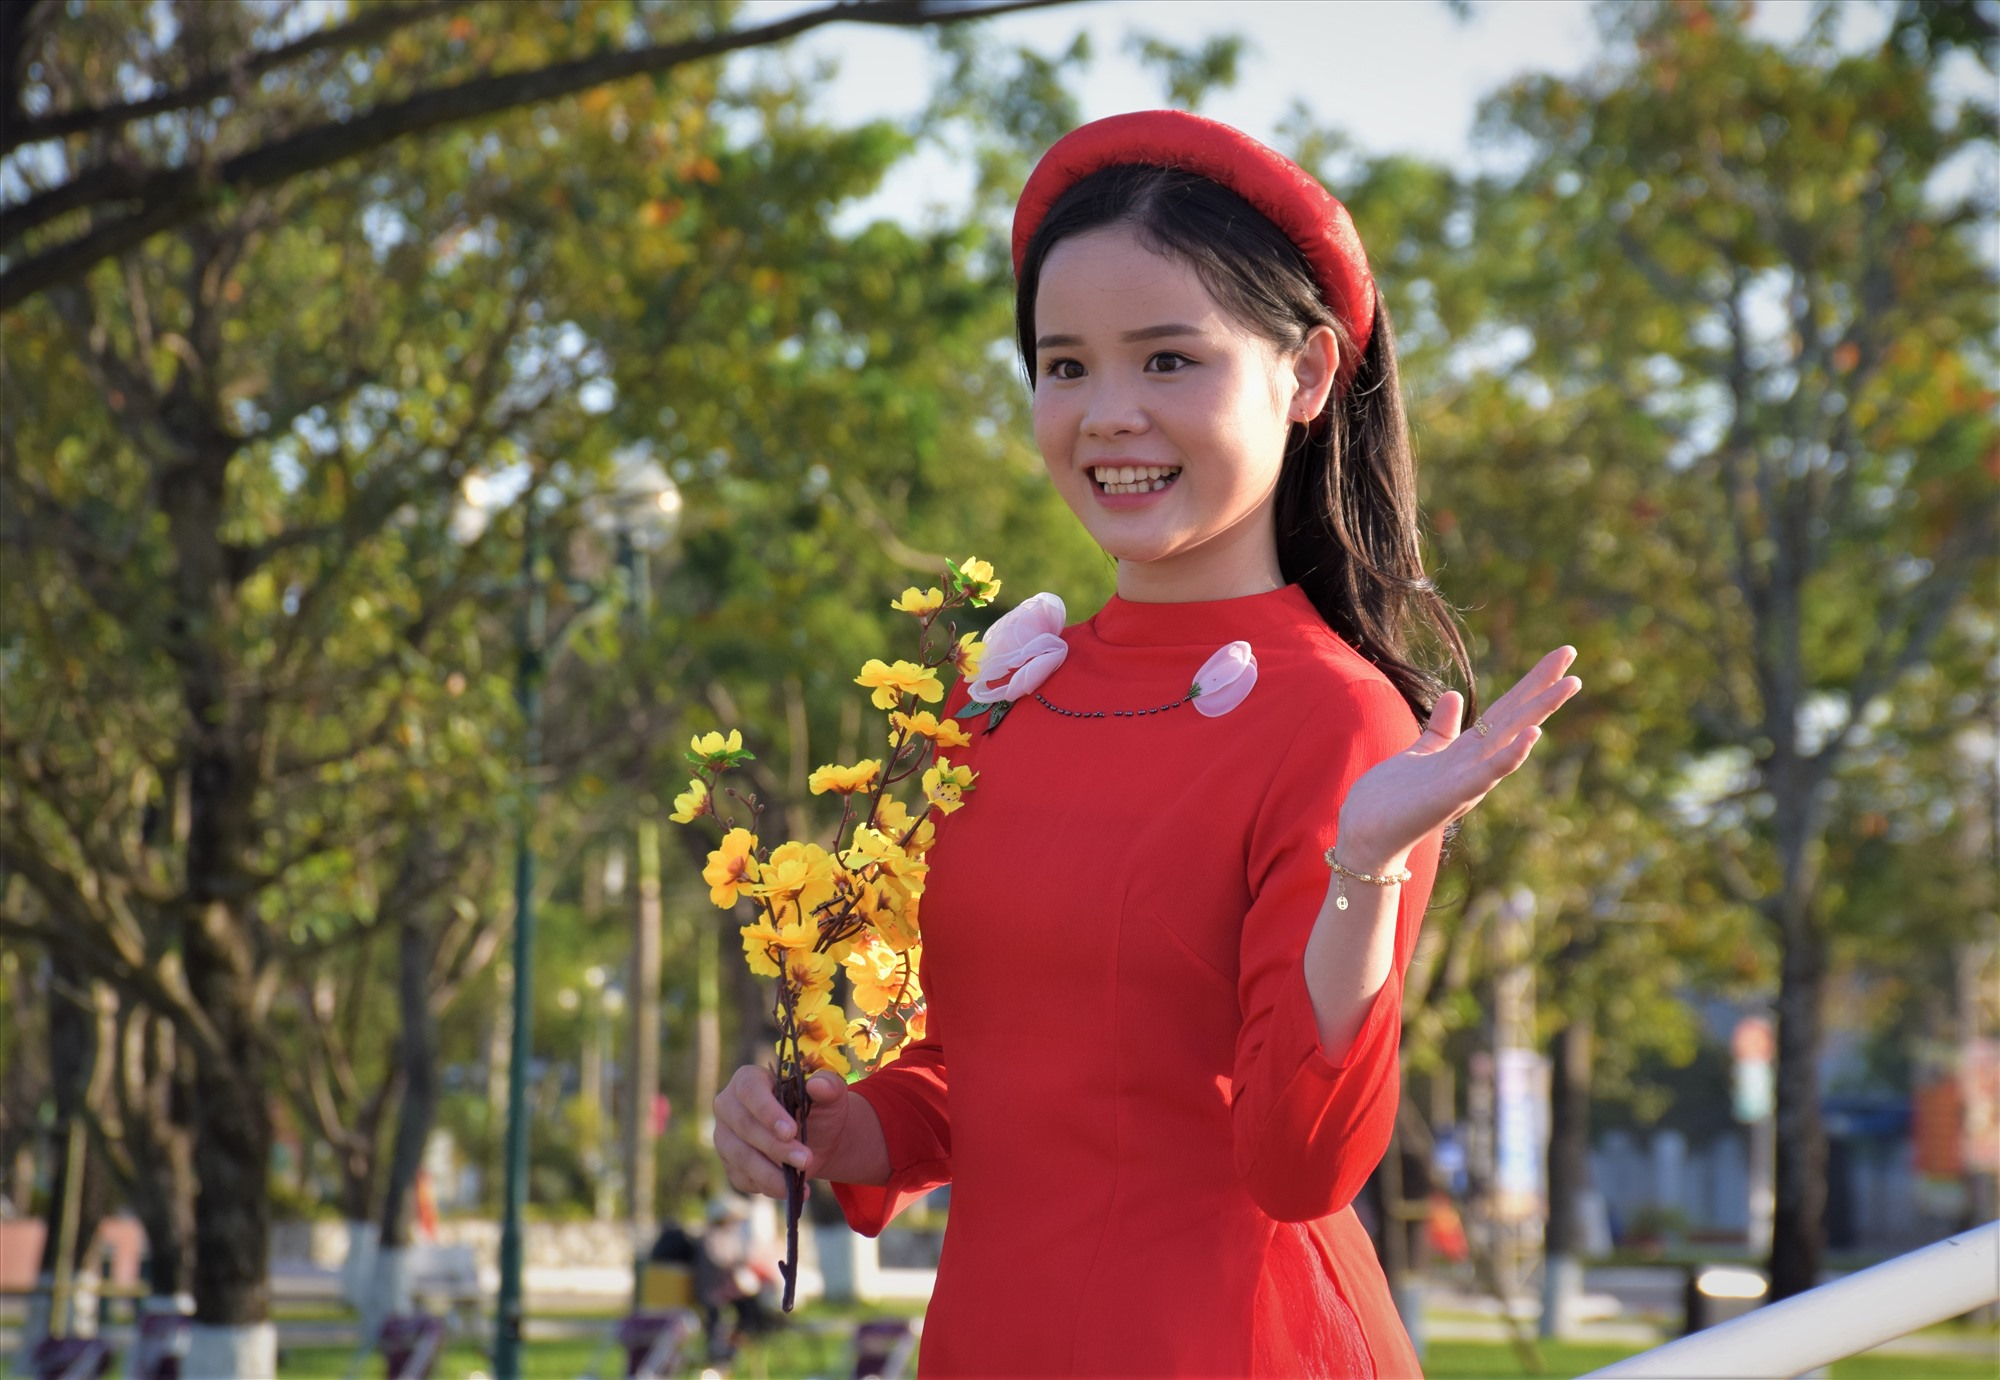 Việc trang trí Quảng trường 24.3 rực rỡ đủ sắc hoa tạo điểm đến check in cho nhiều bạn trẻ. Ảnh: THANH THẮNG